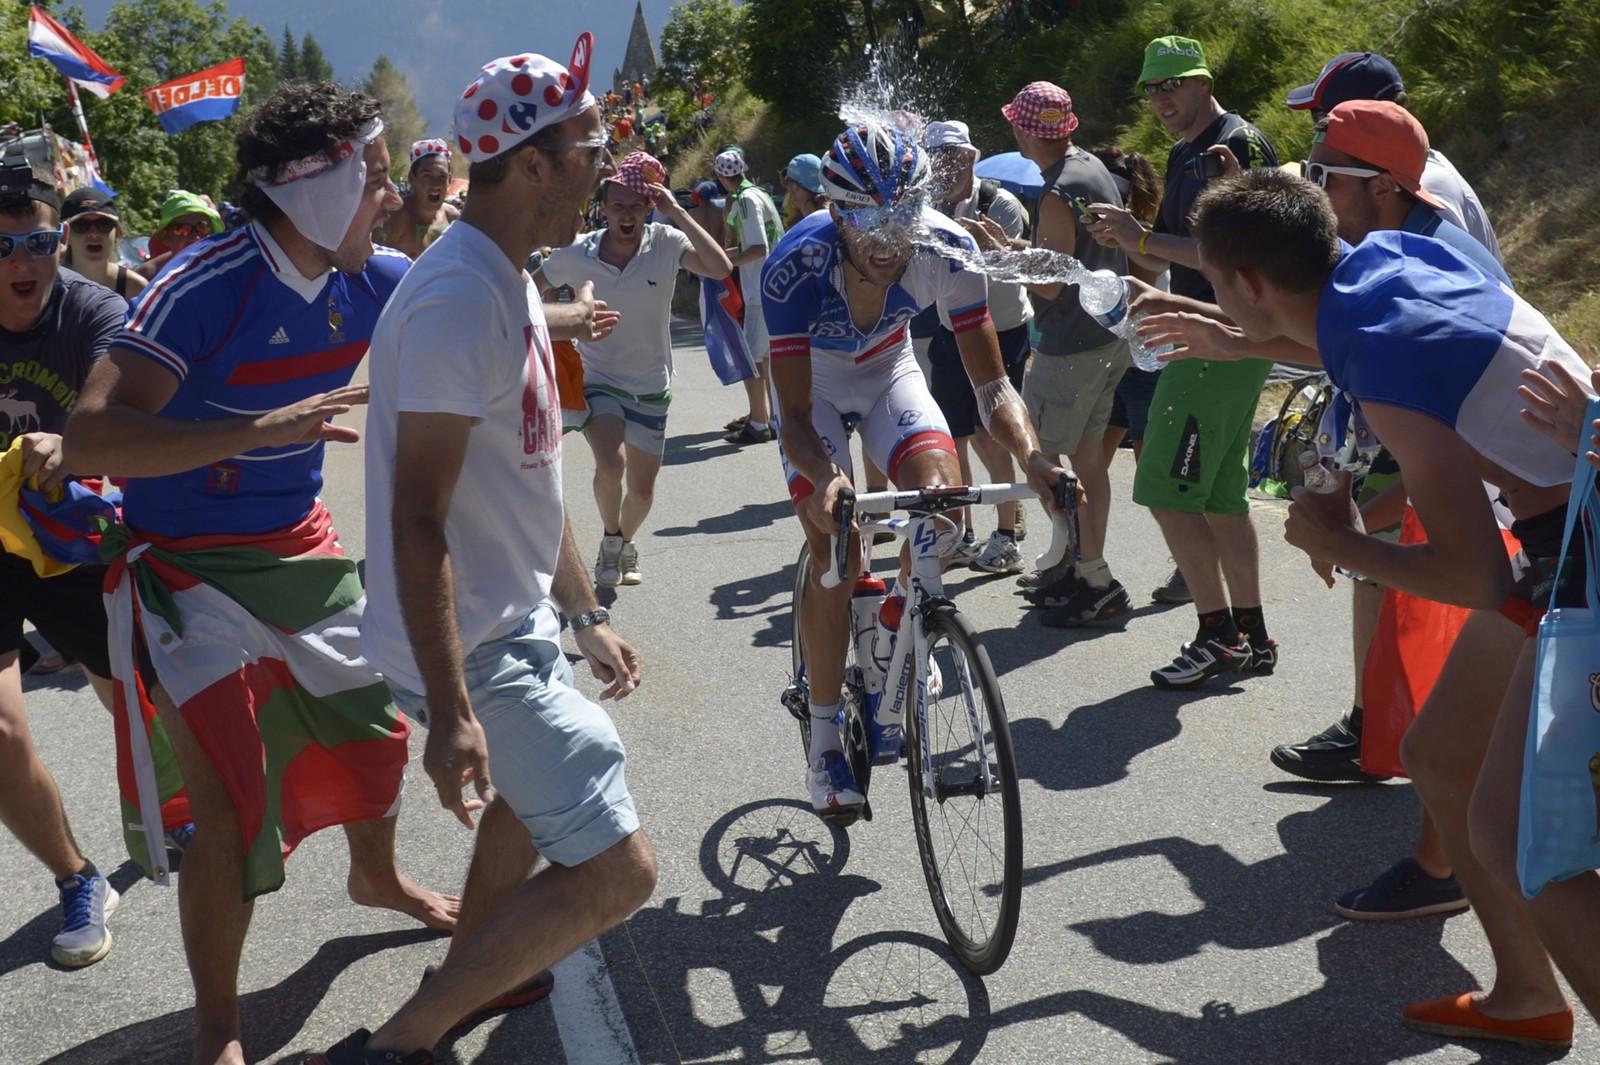 Thibaut Pinot blir kjølt ned av en tilskuer i et brudd på vei opp Alpe d'Huez på den 20. etappen. AFP PHOTO / LIONEL BONAVENTURE